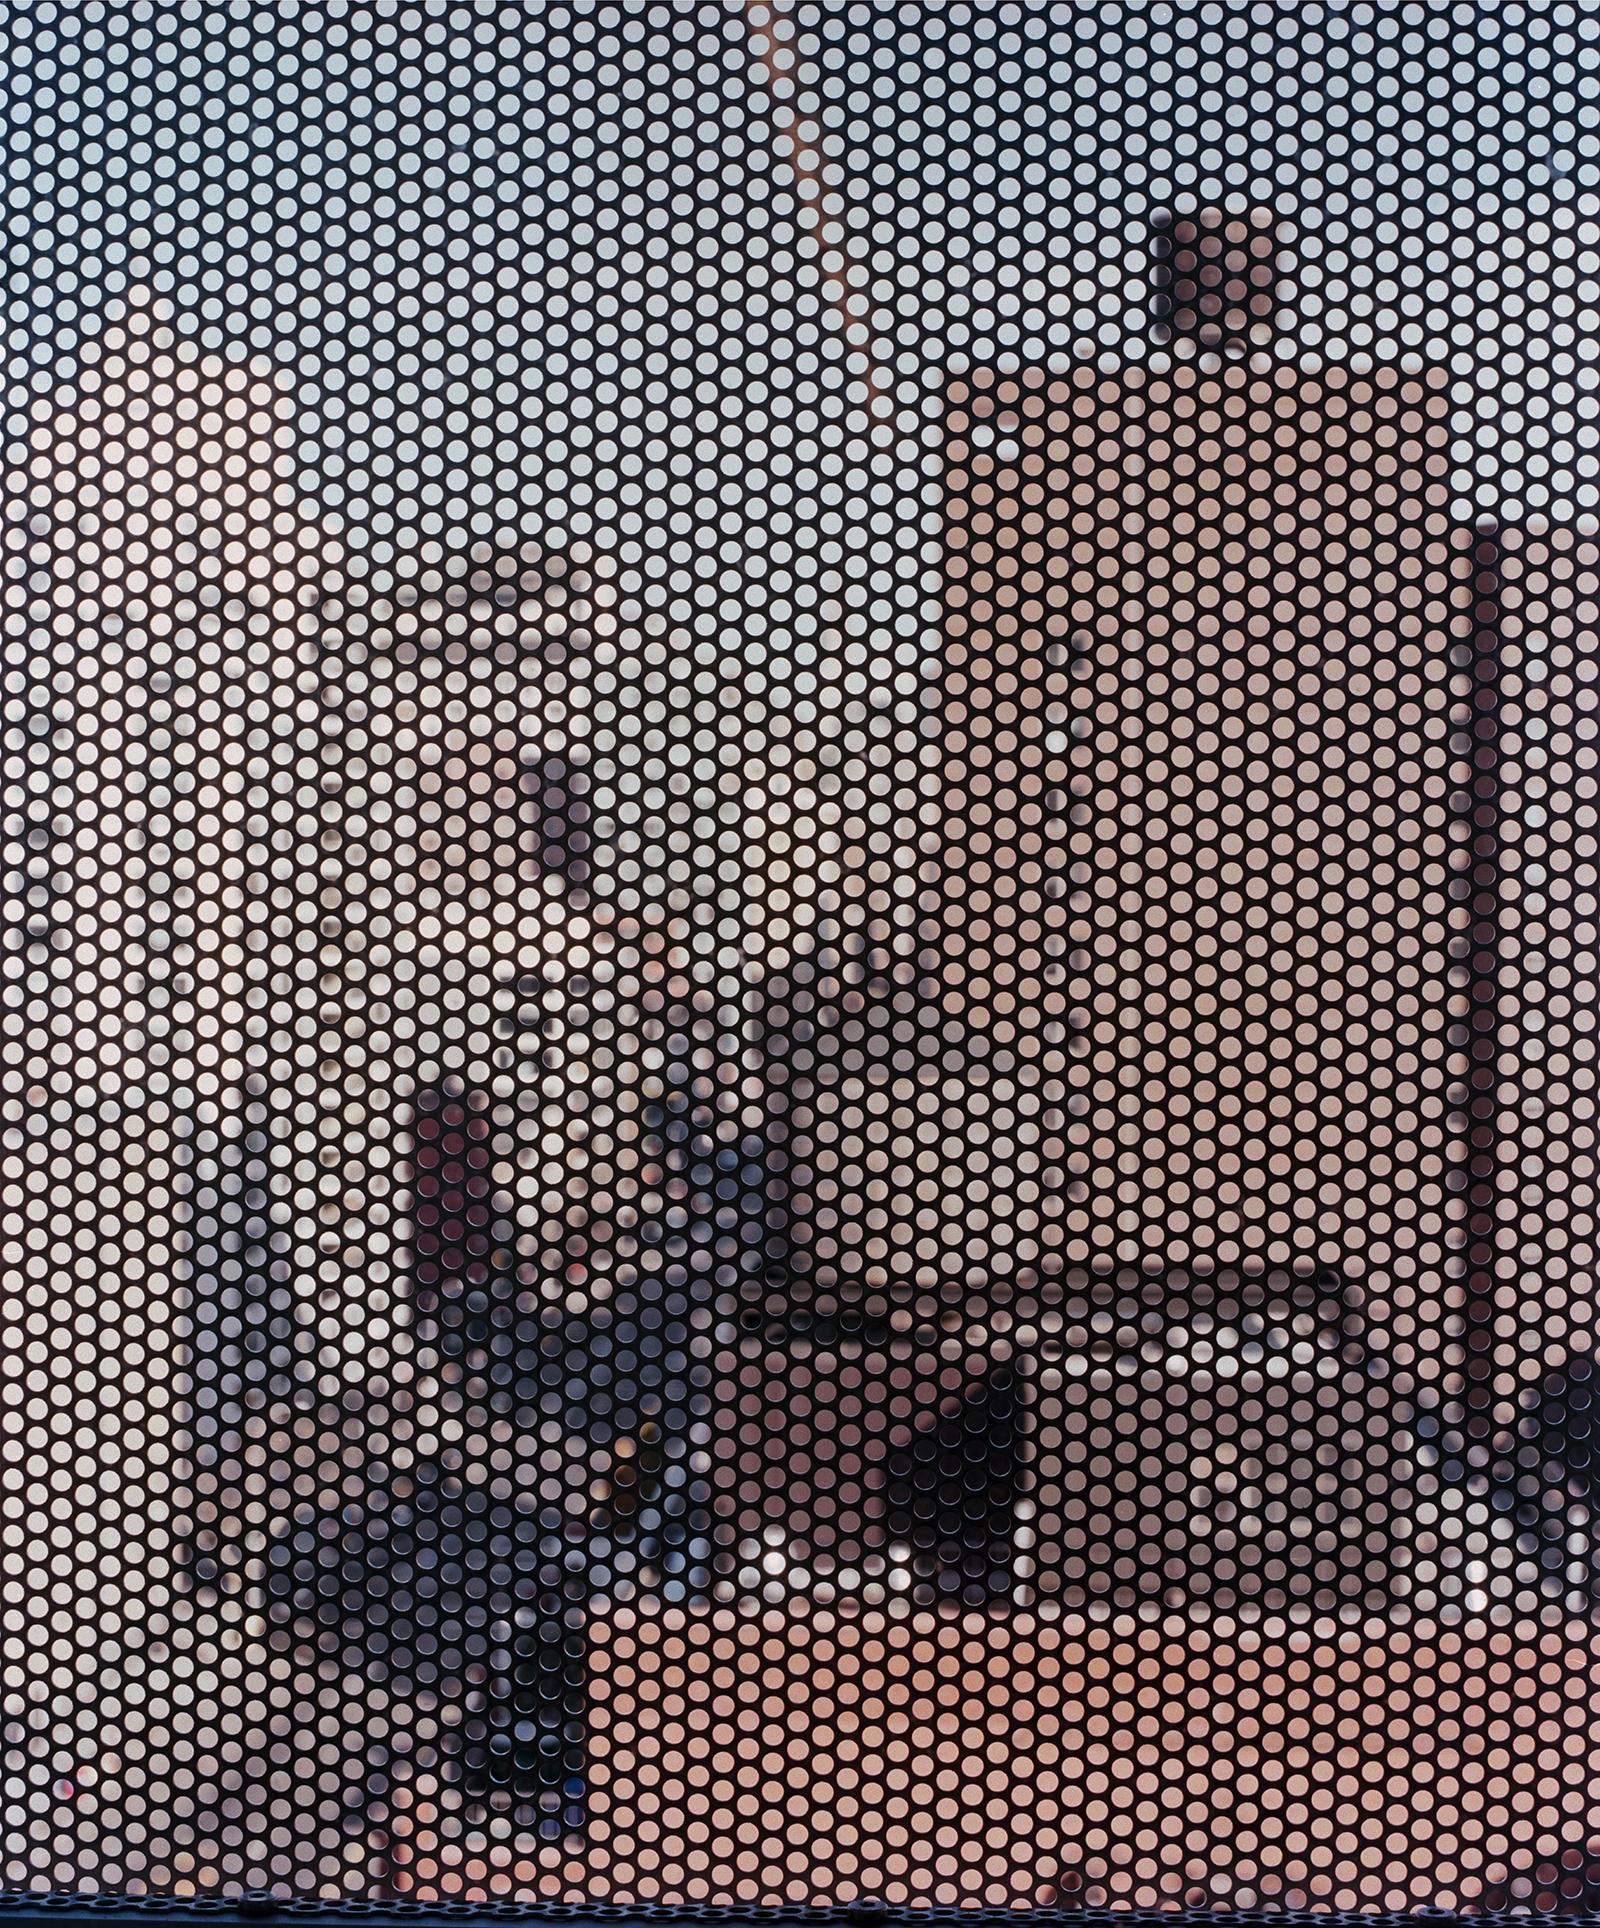 Calla Henkel & Max Pitegoff, NAB (window), 2010/2015 Courtesy the KünstlerInnen und Isabella Bortolozzi Galerie, Berlin